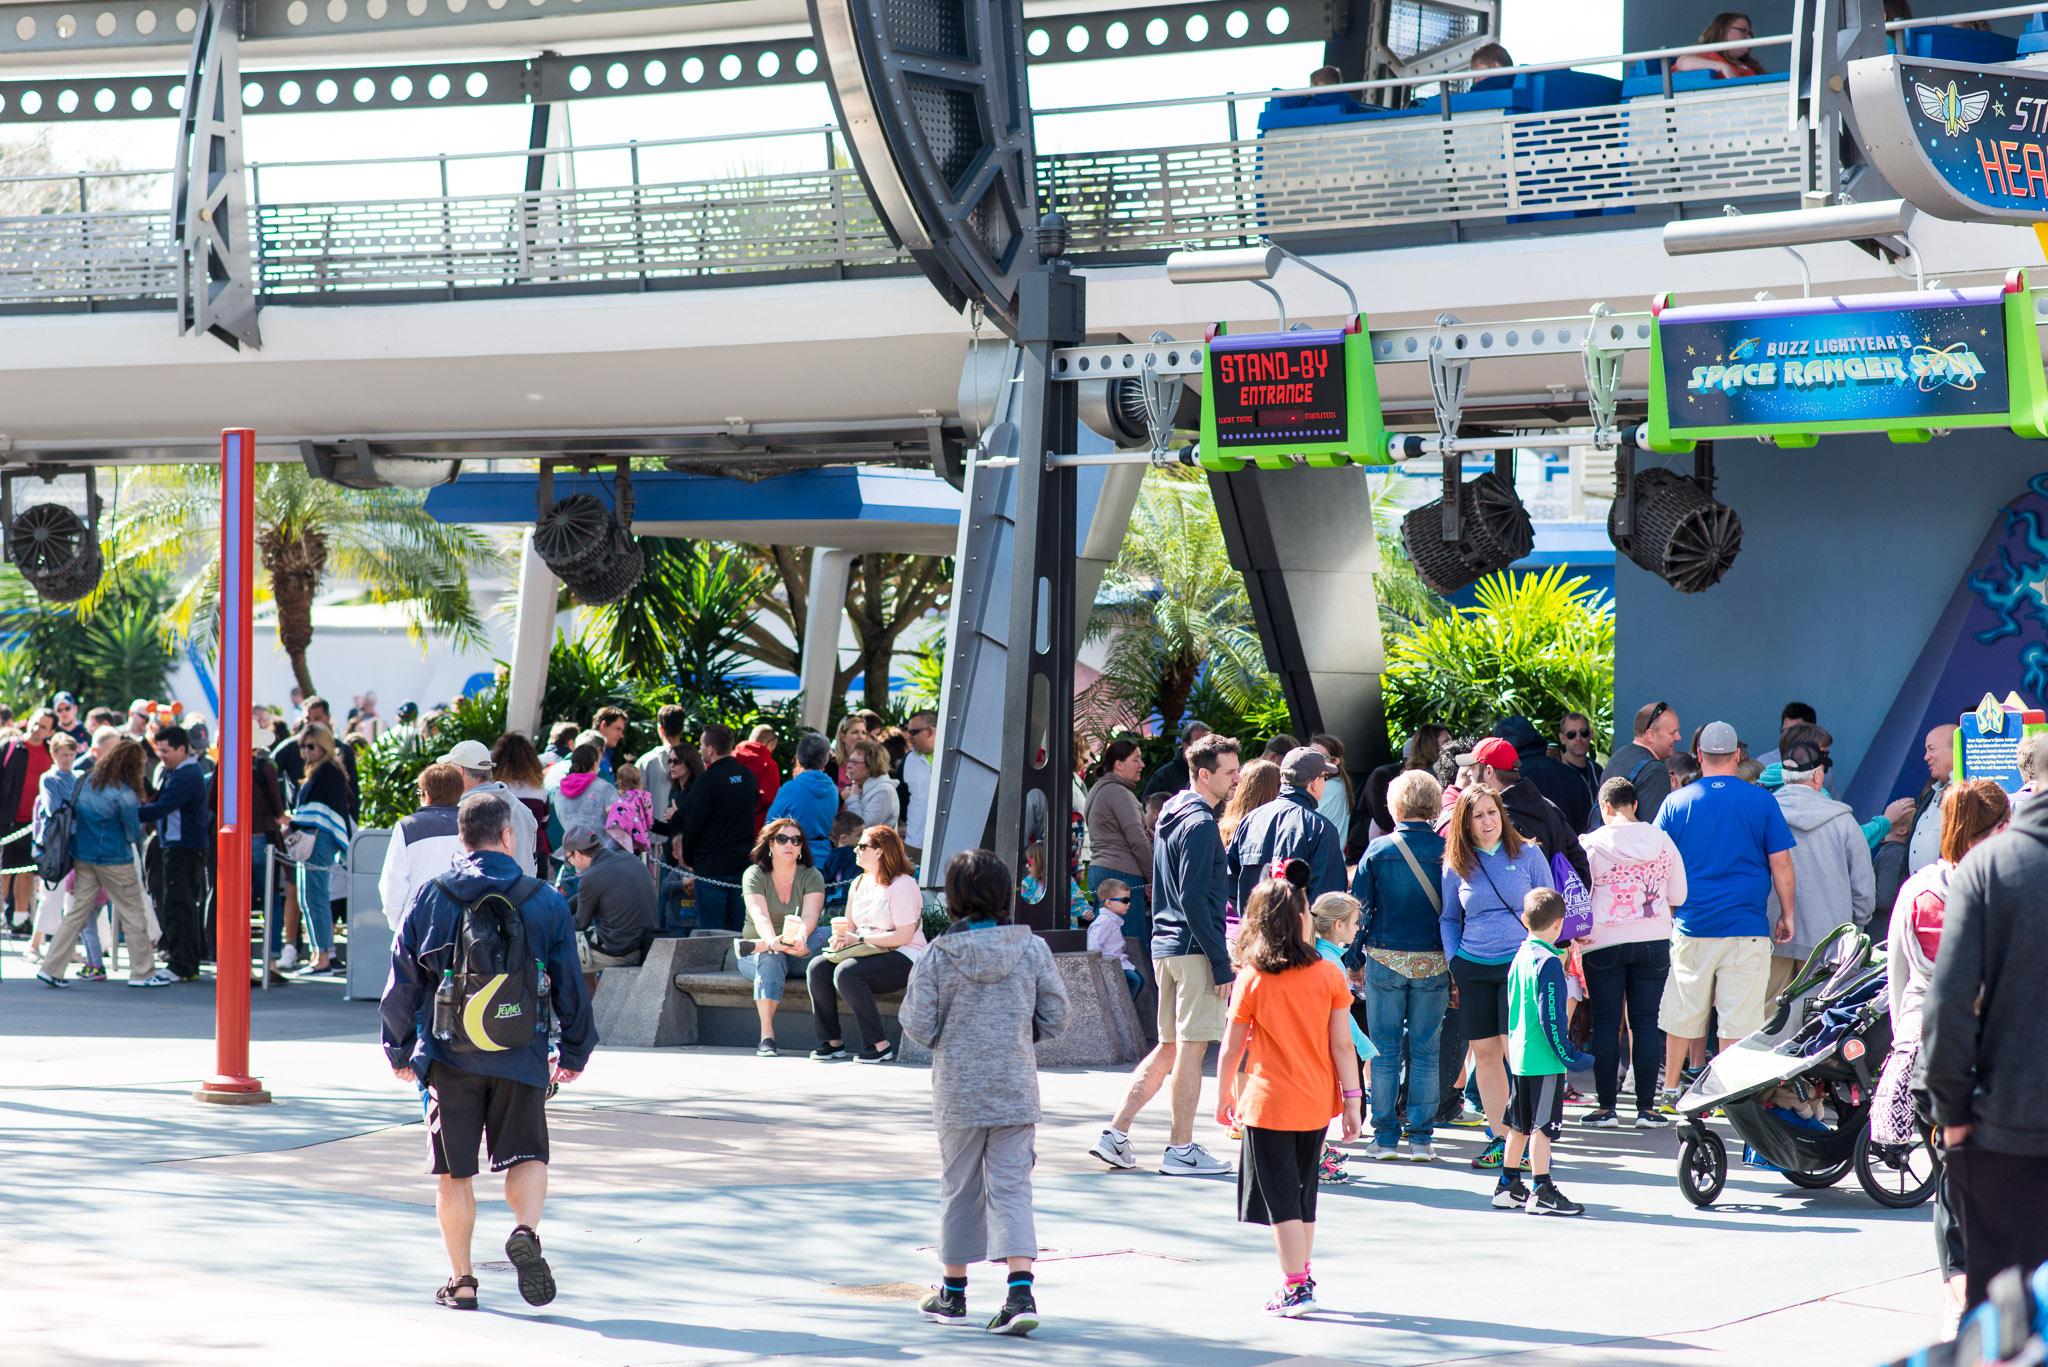 Buzz Lightyear Crowds - Walt Disney World Magic Kingdom